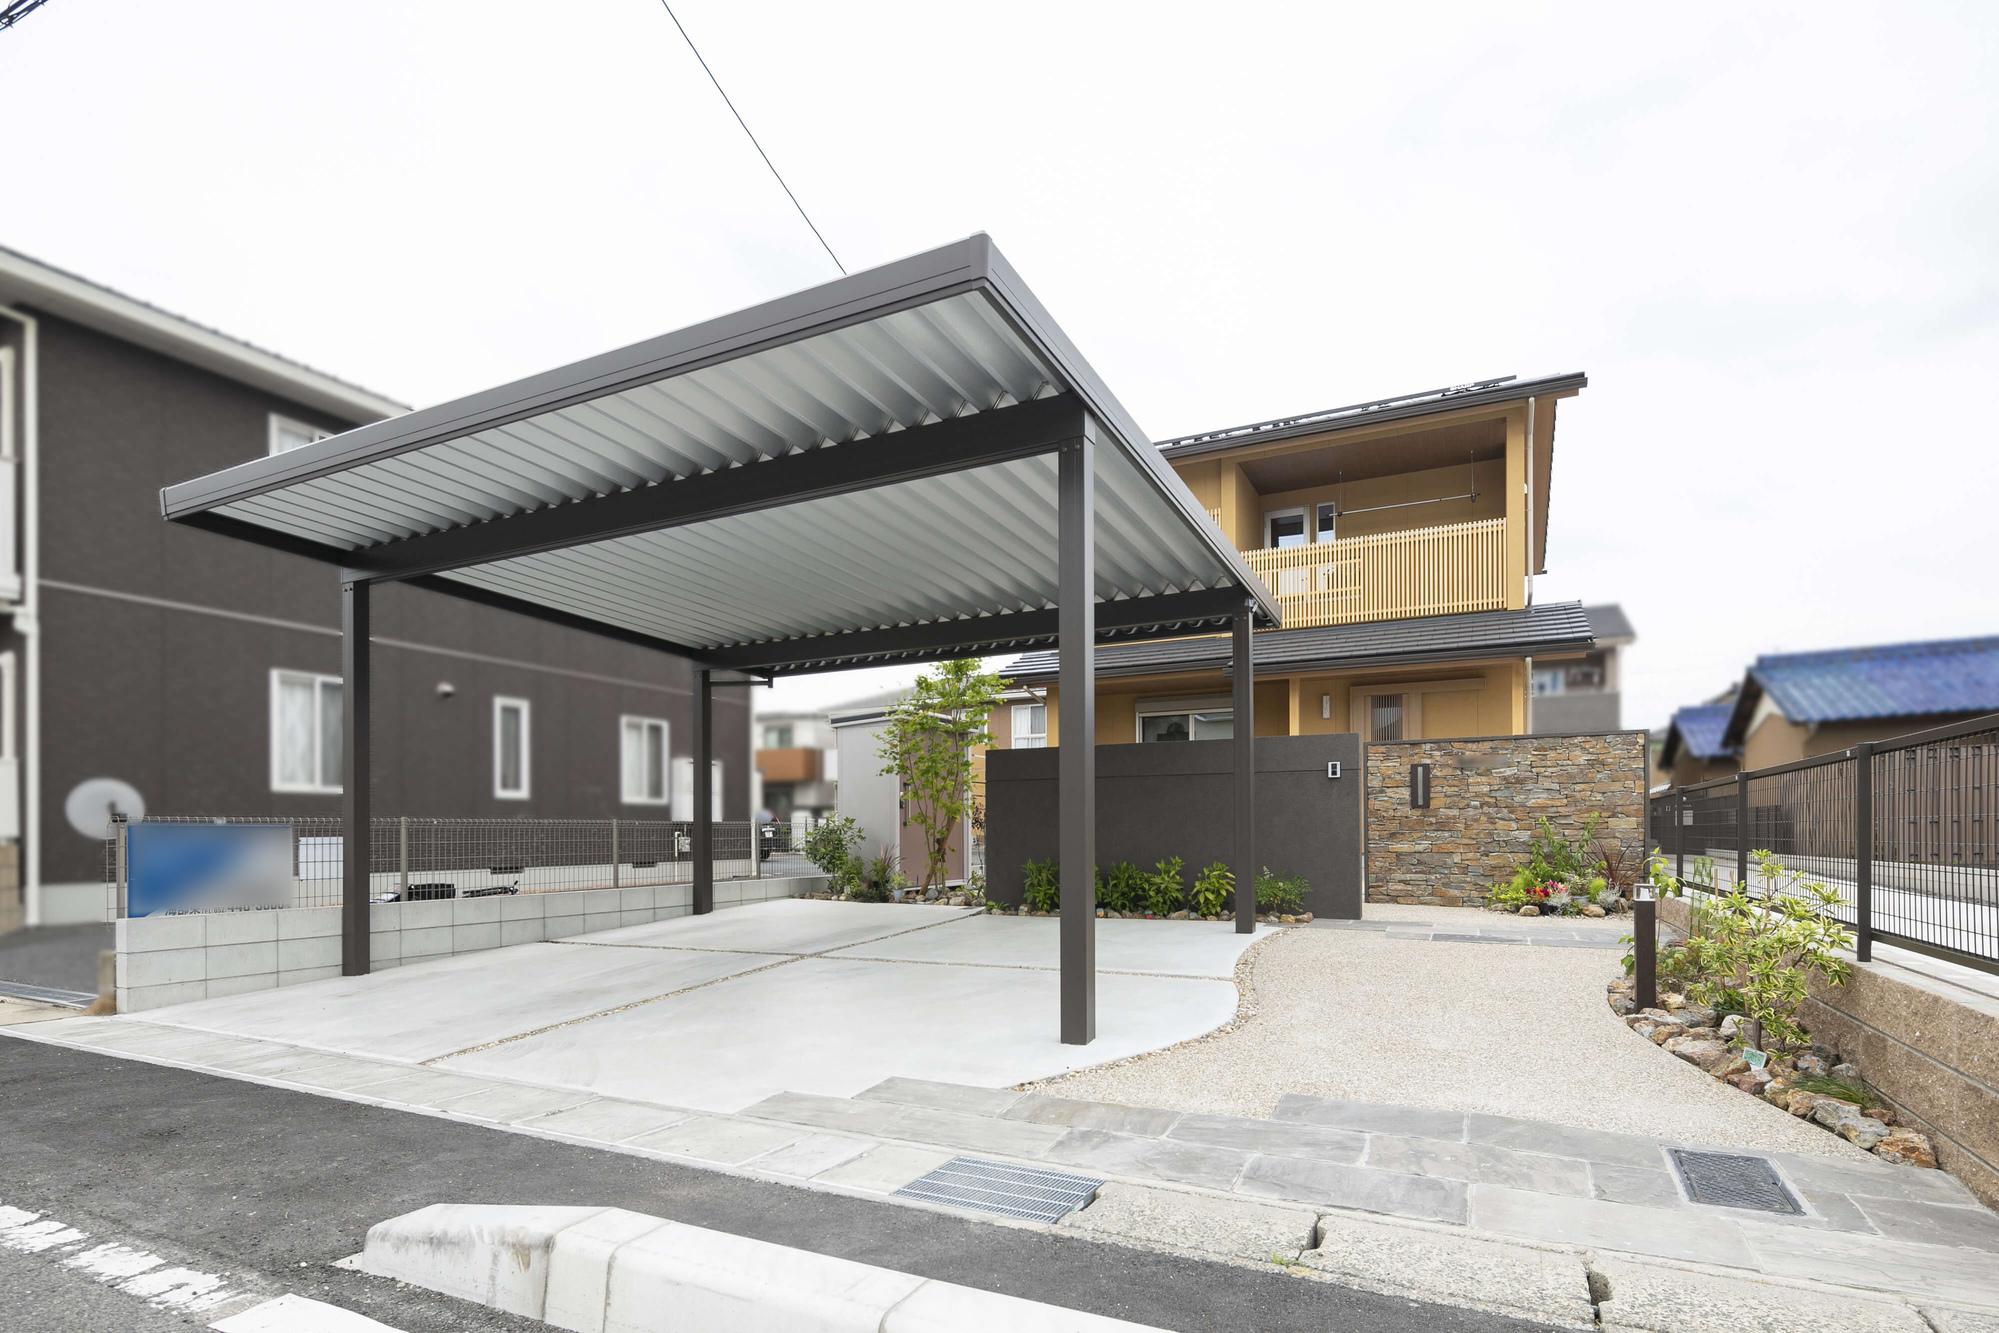 新築外構 渡邉工務店 ナチュラル 自然石 和風建築